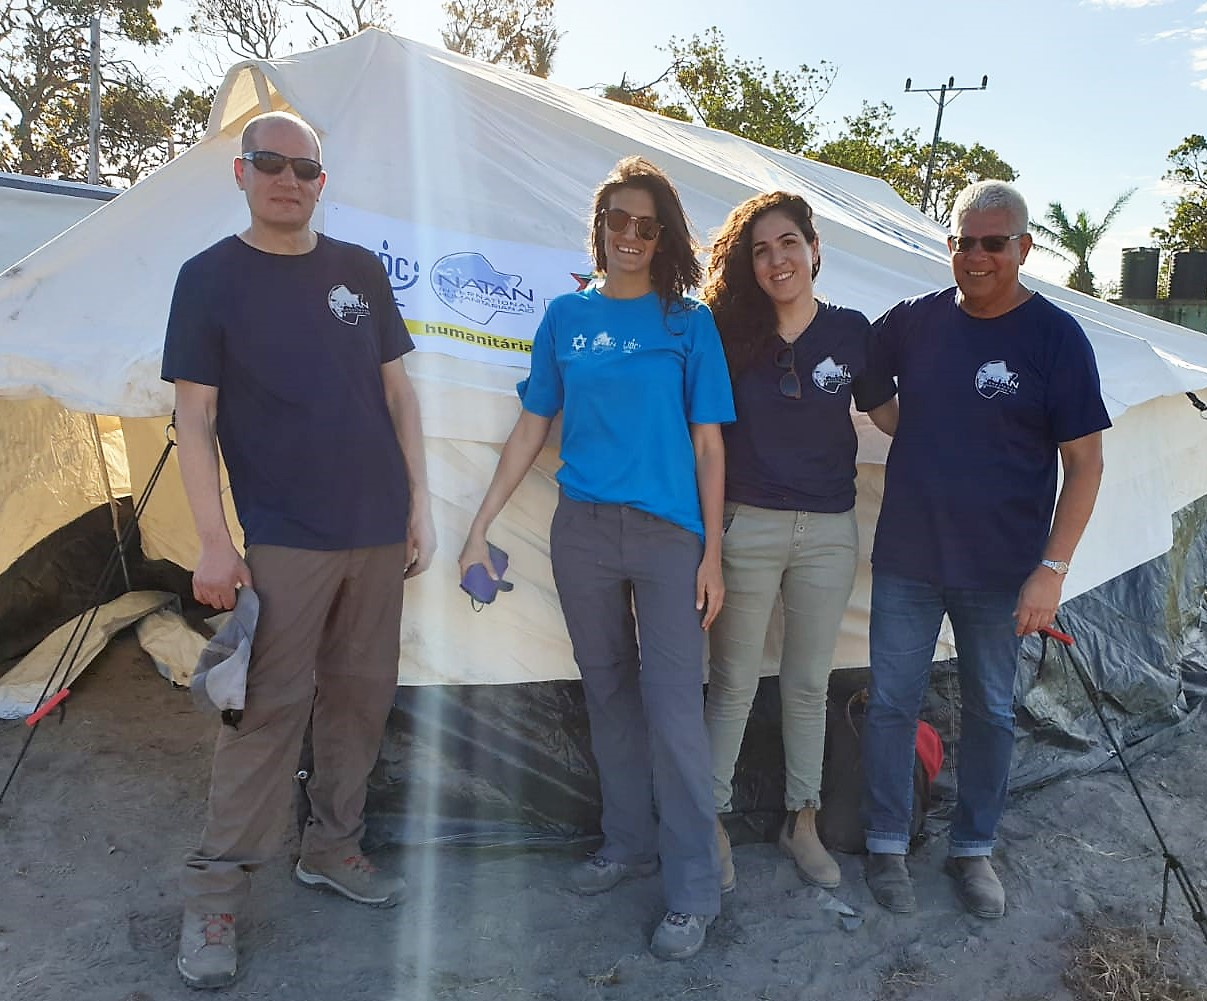 Tal Team Tent 20190406-.jpg